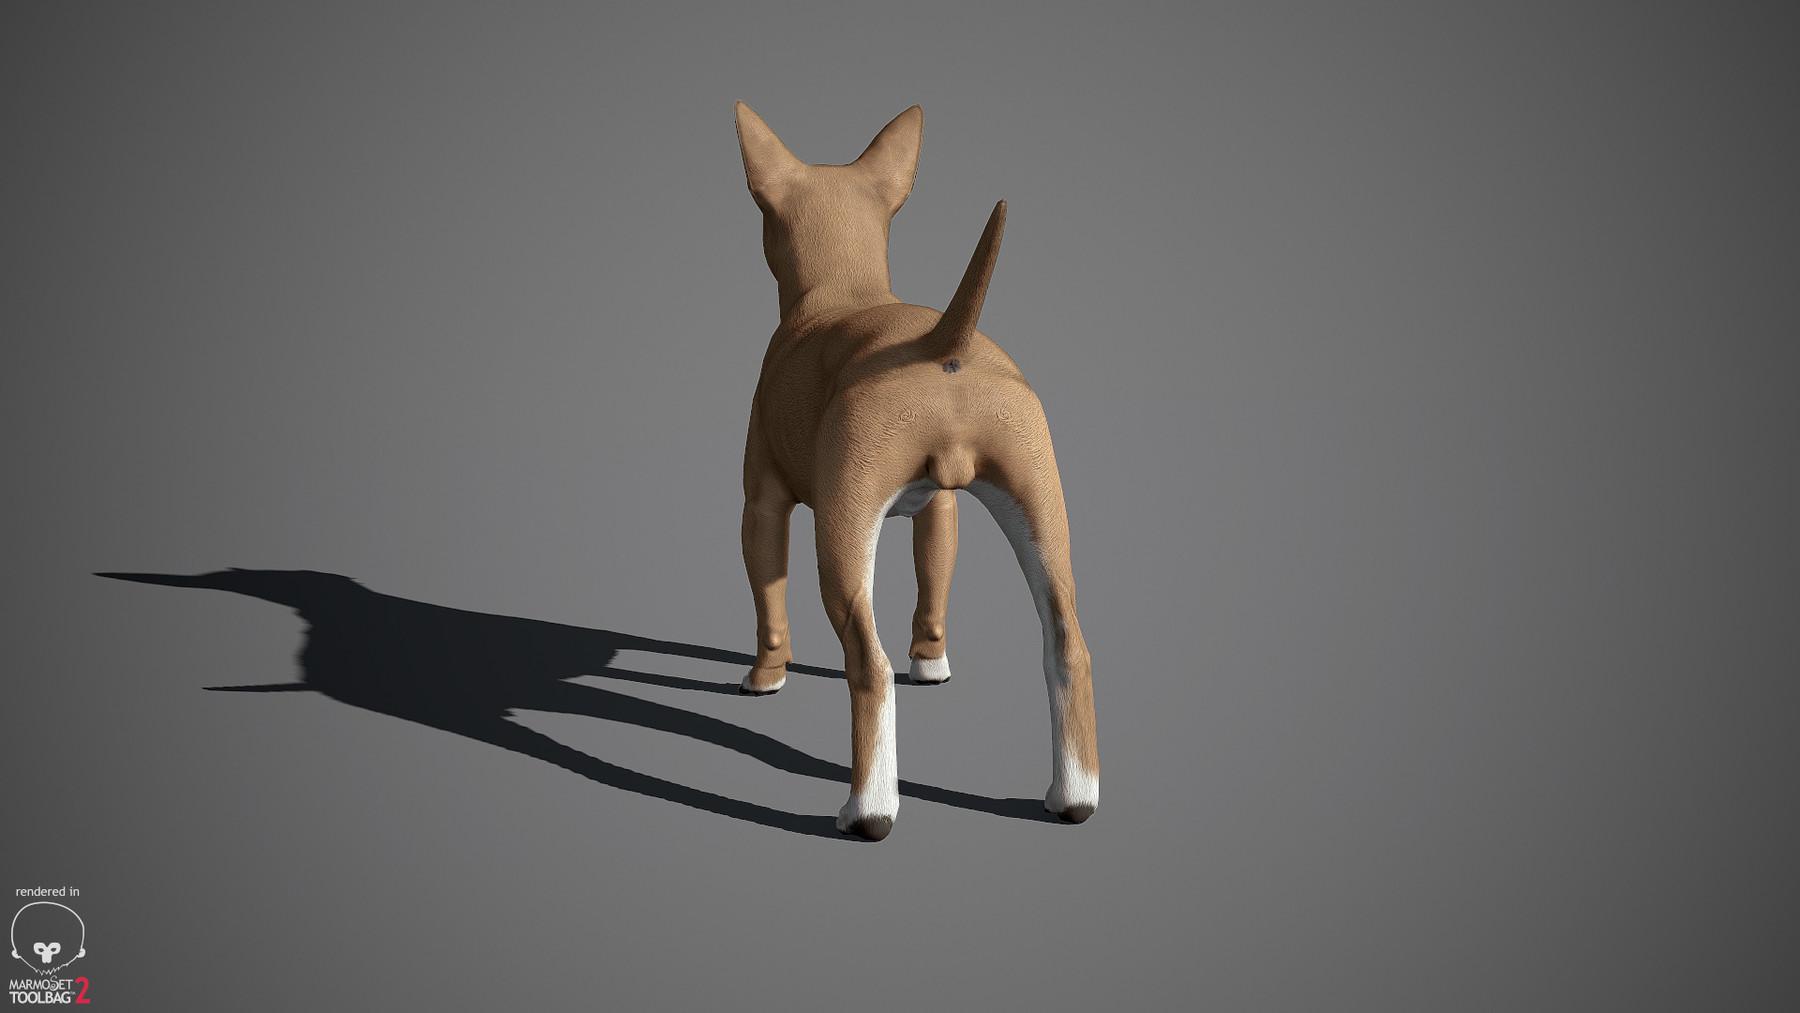 Chihuahua by alexlashko marmoset 11